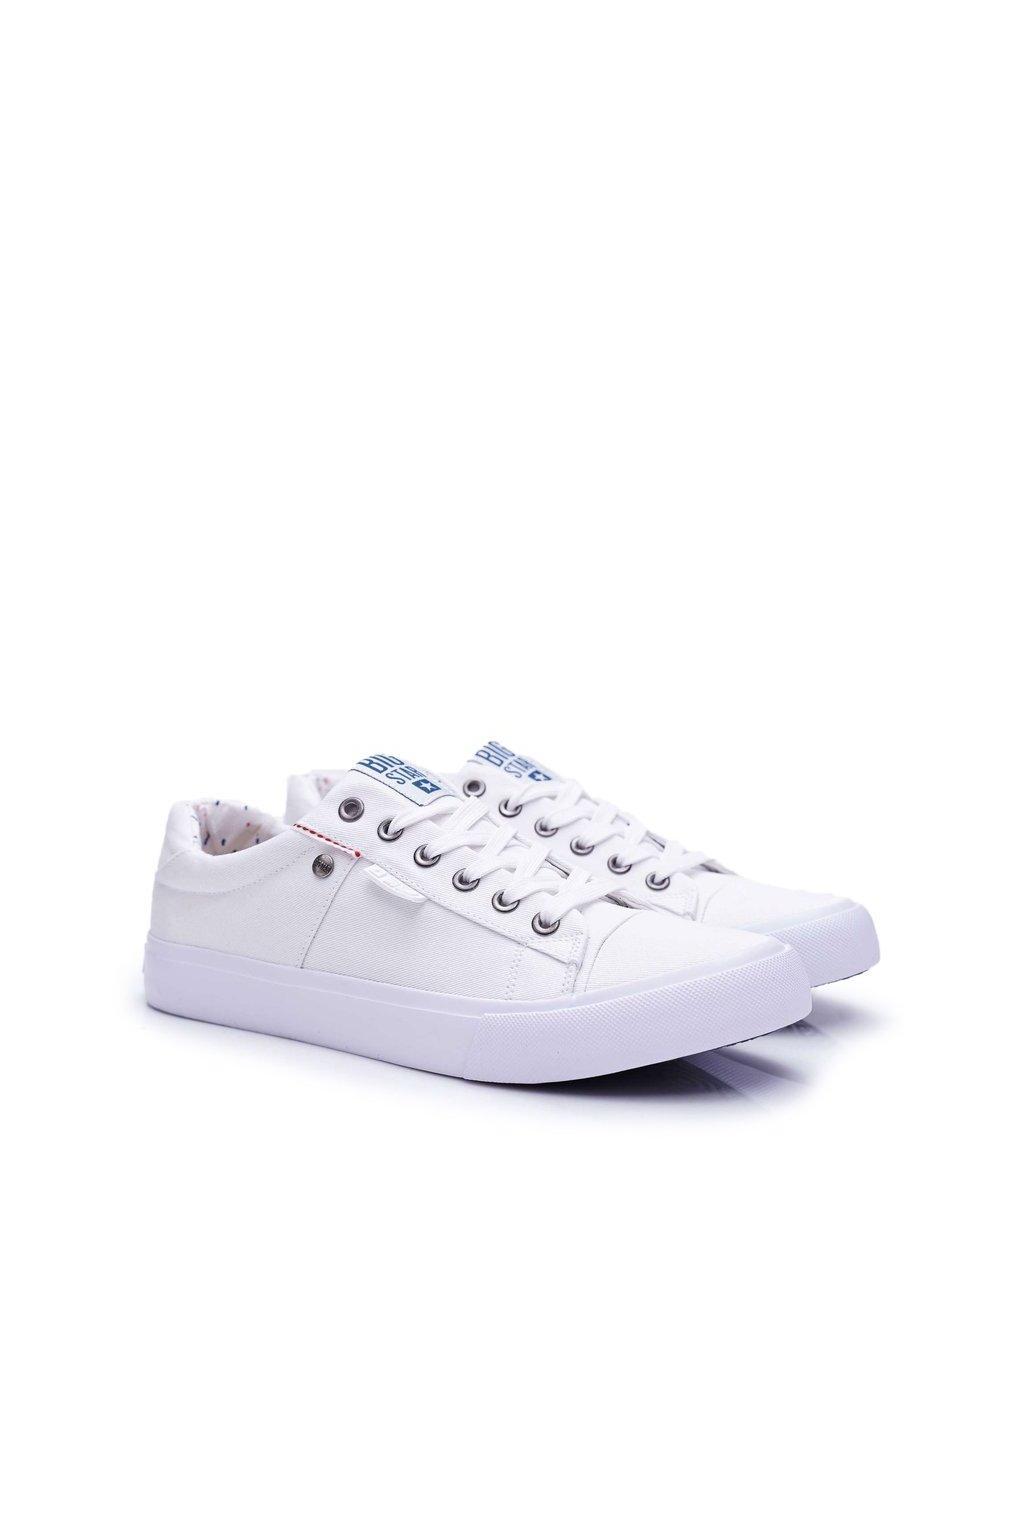 Biela obuv kód topánok AA174097A WHITE